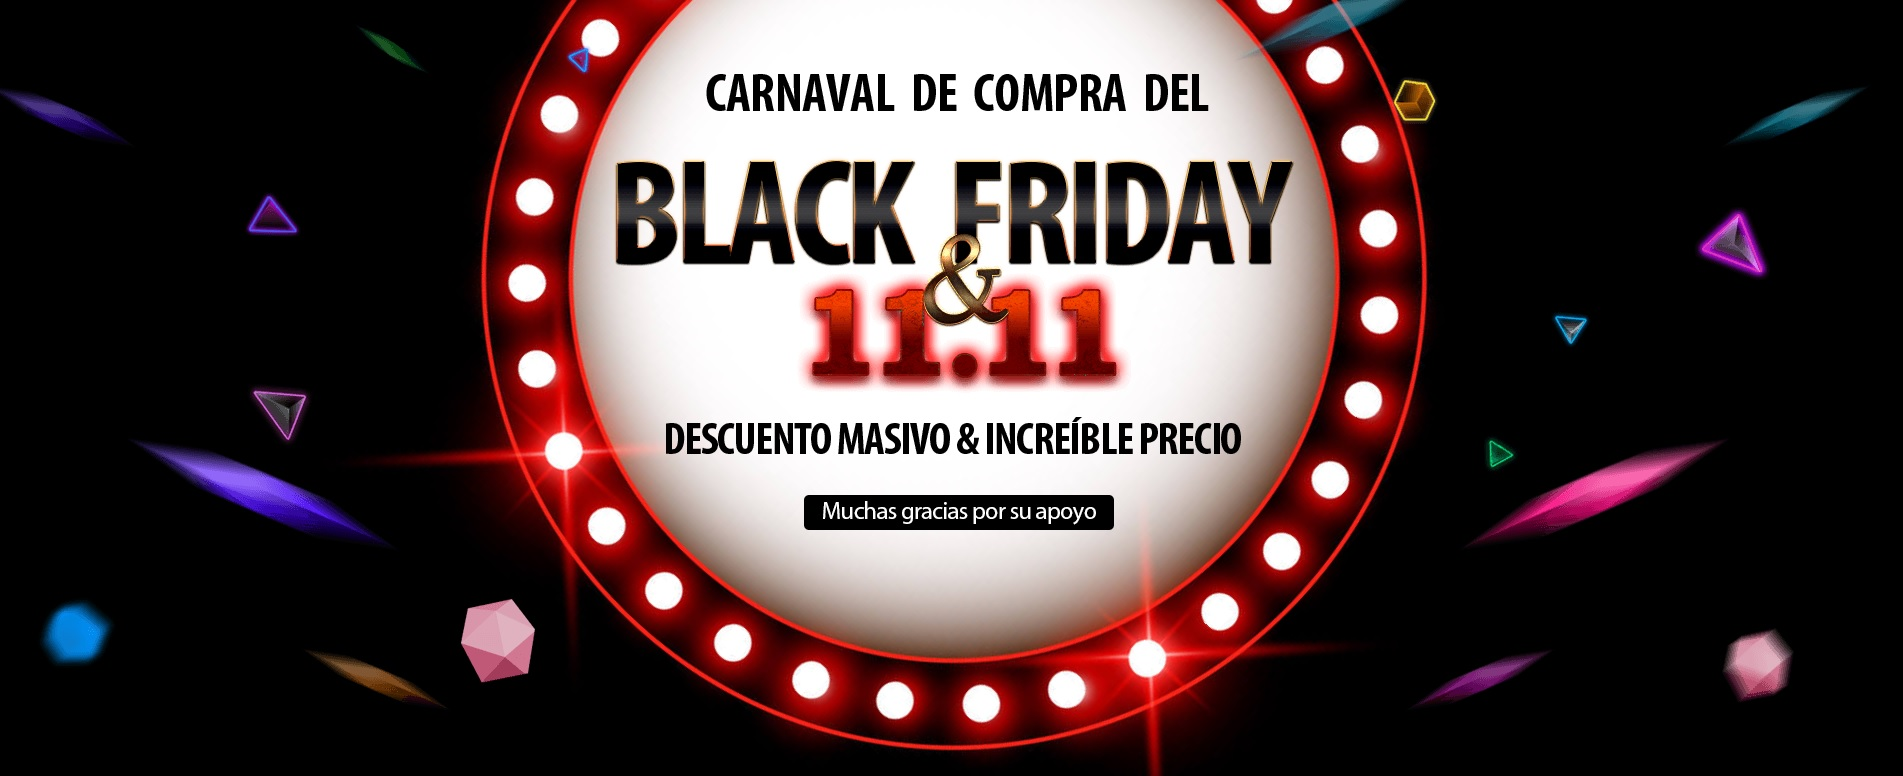 Descuentos increíbles en IGOGO por el 11.11 y Black Friday